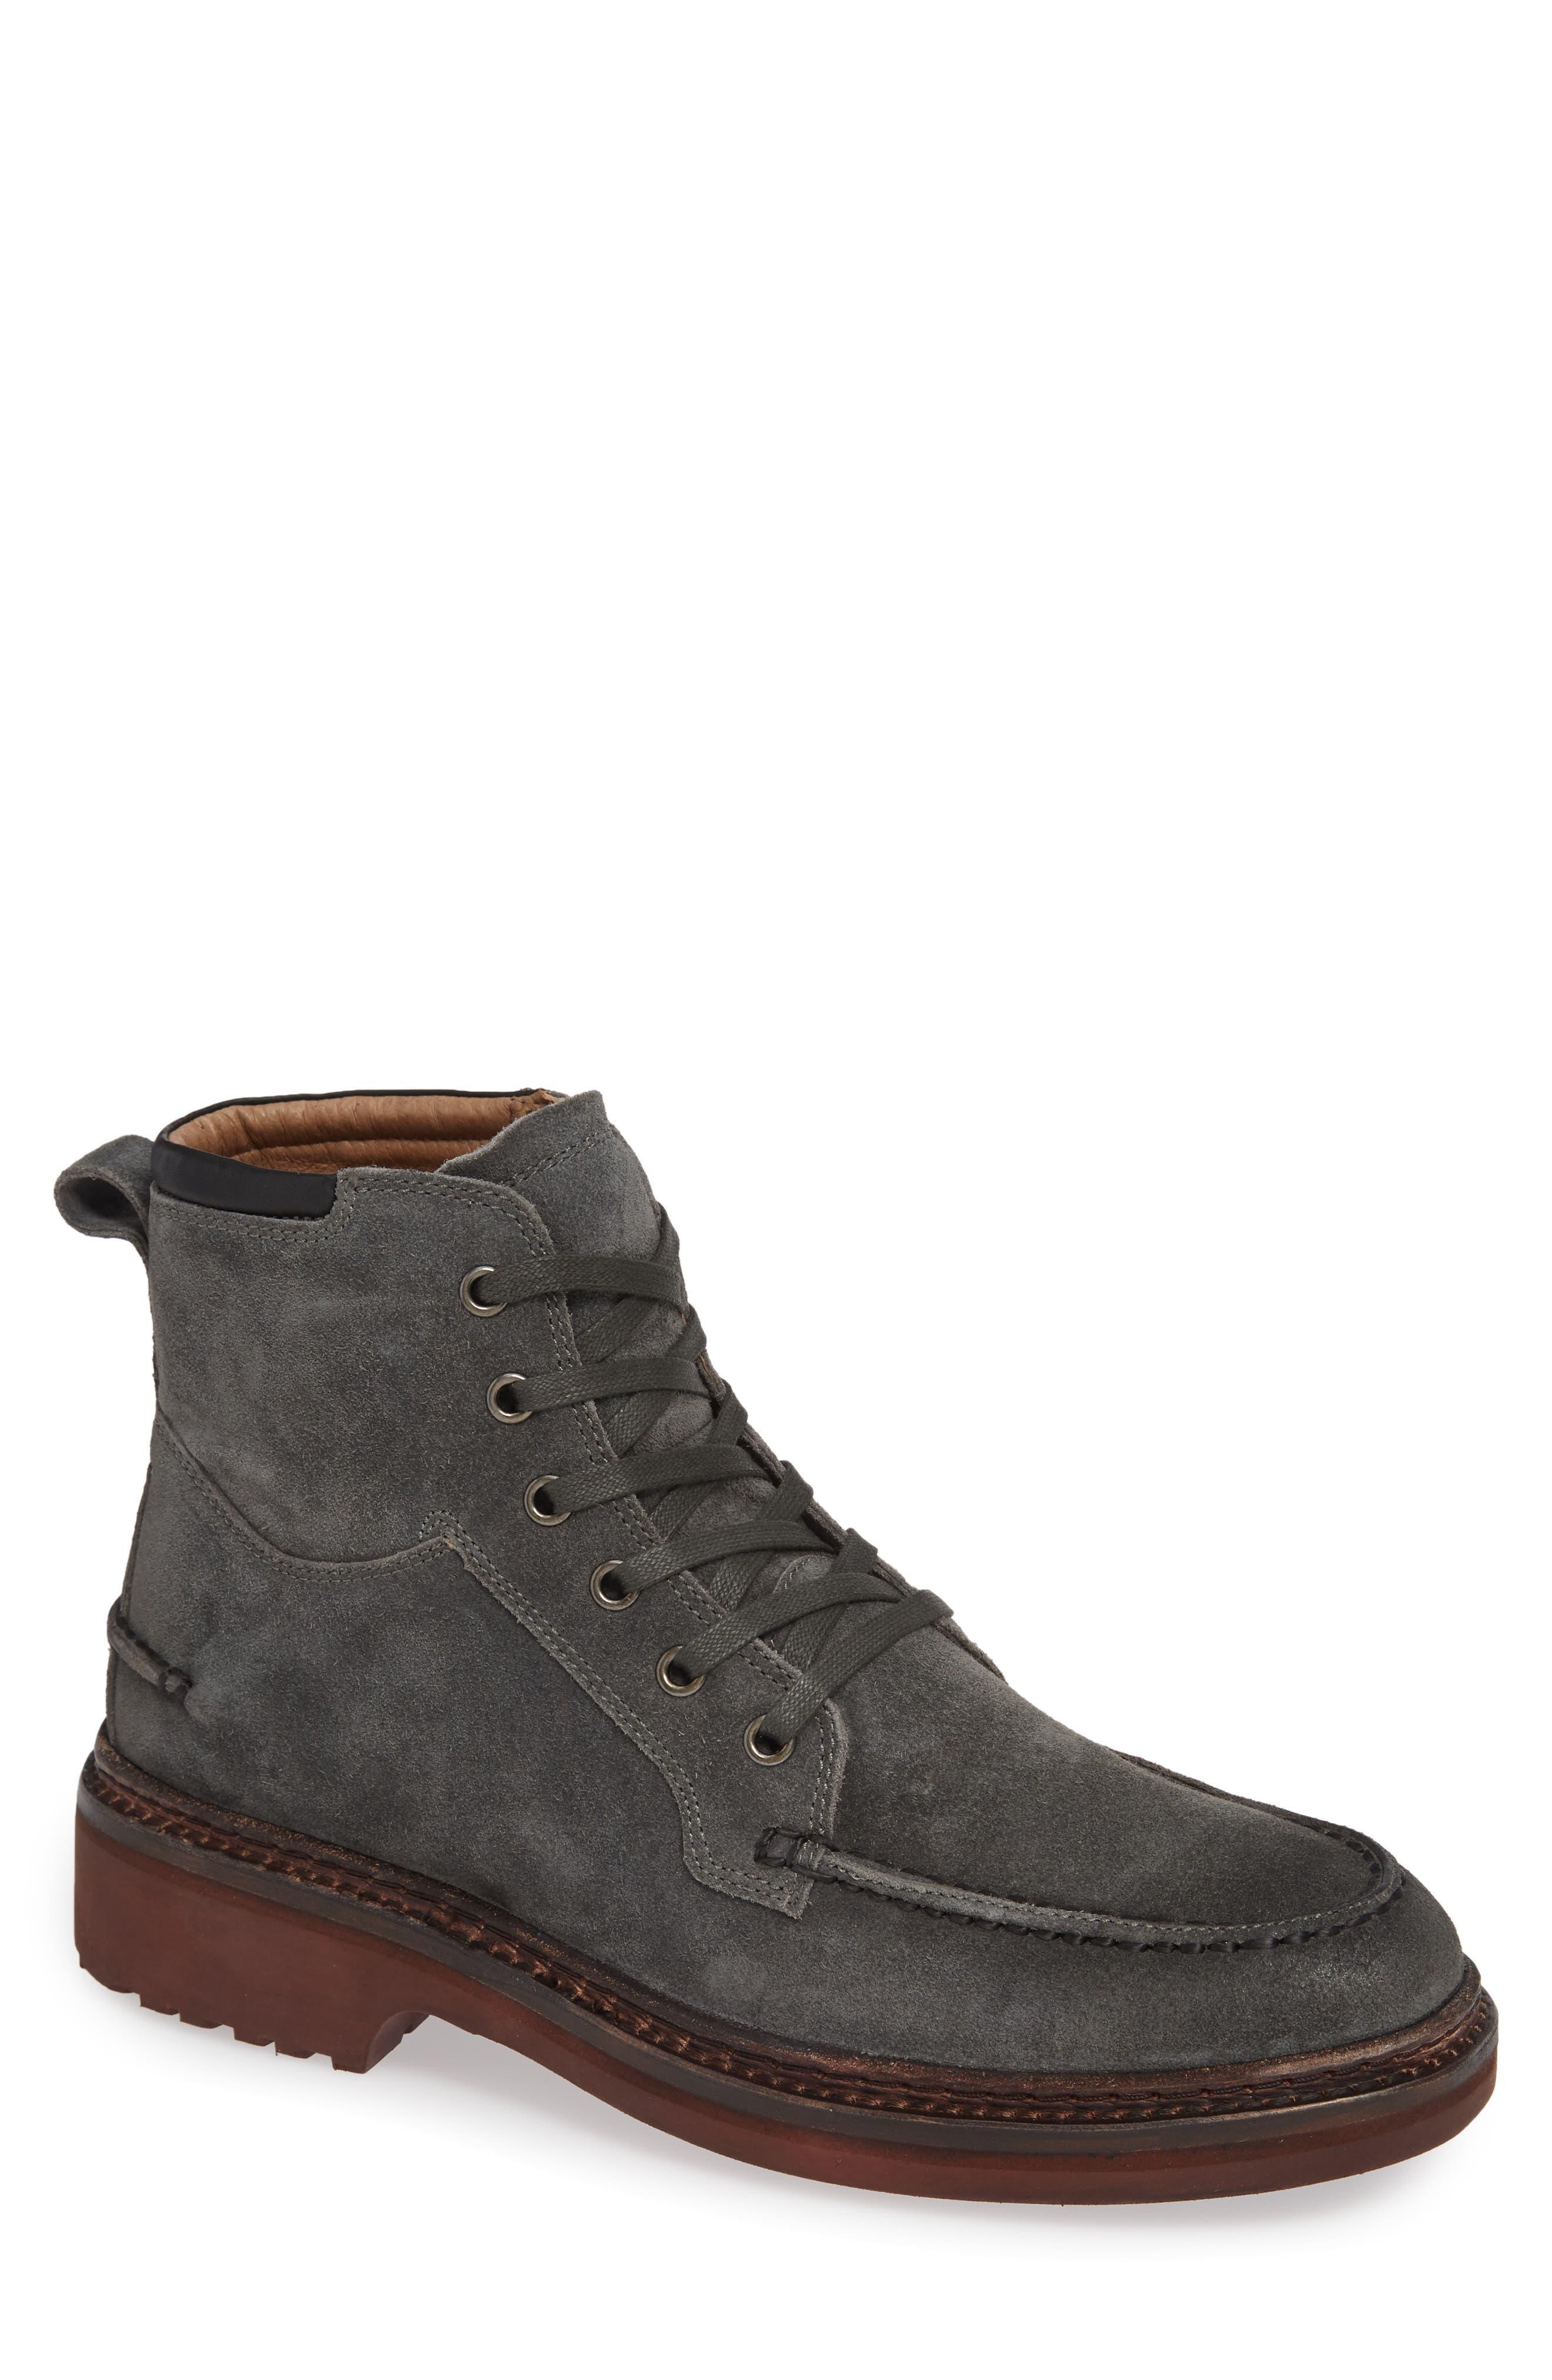 John Varvatos Star Usa Cooper Work Boot, Grey